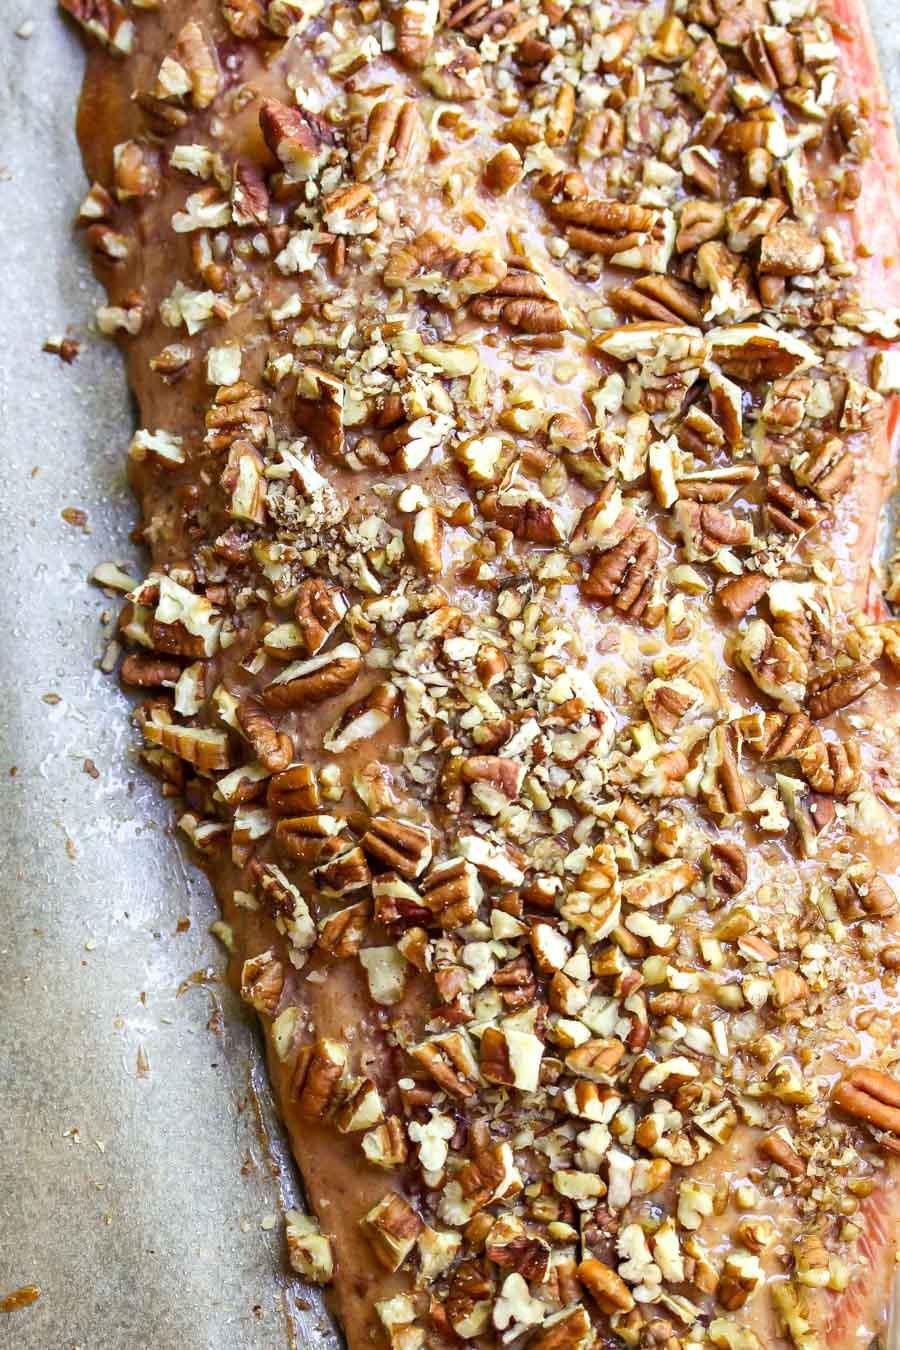 Pecan-Crusted Roasted Salmon